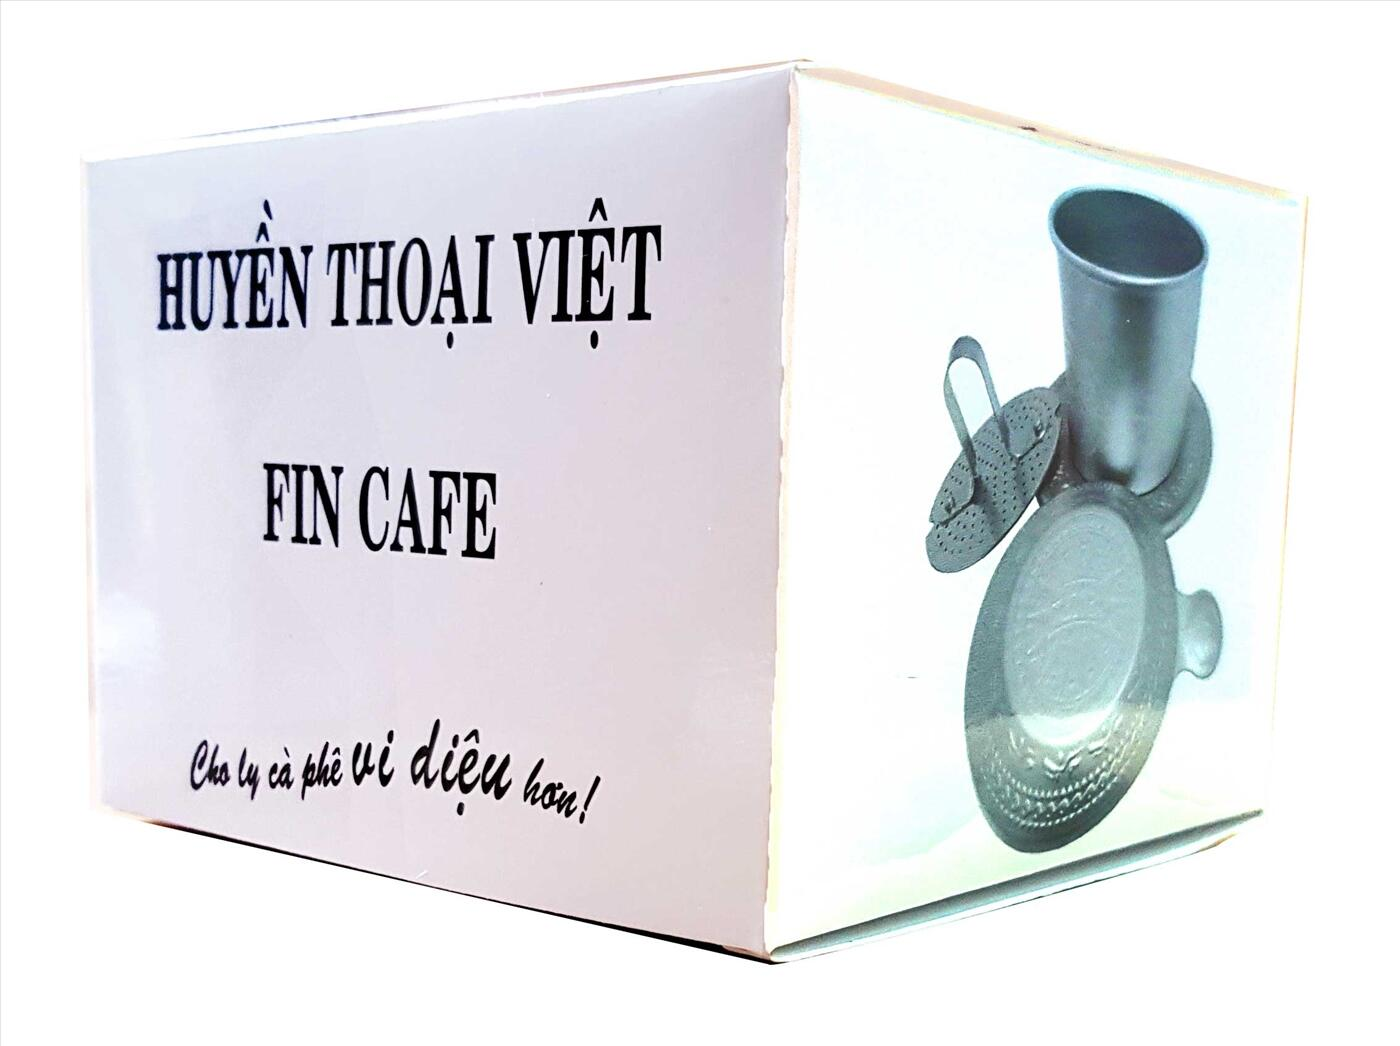 Fin cafe Nhôm cao cấp Trung Nguyên